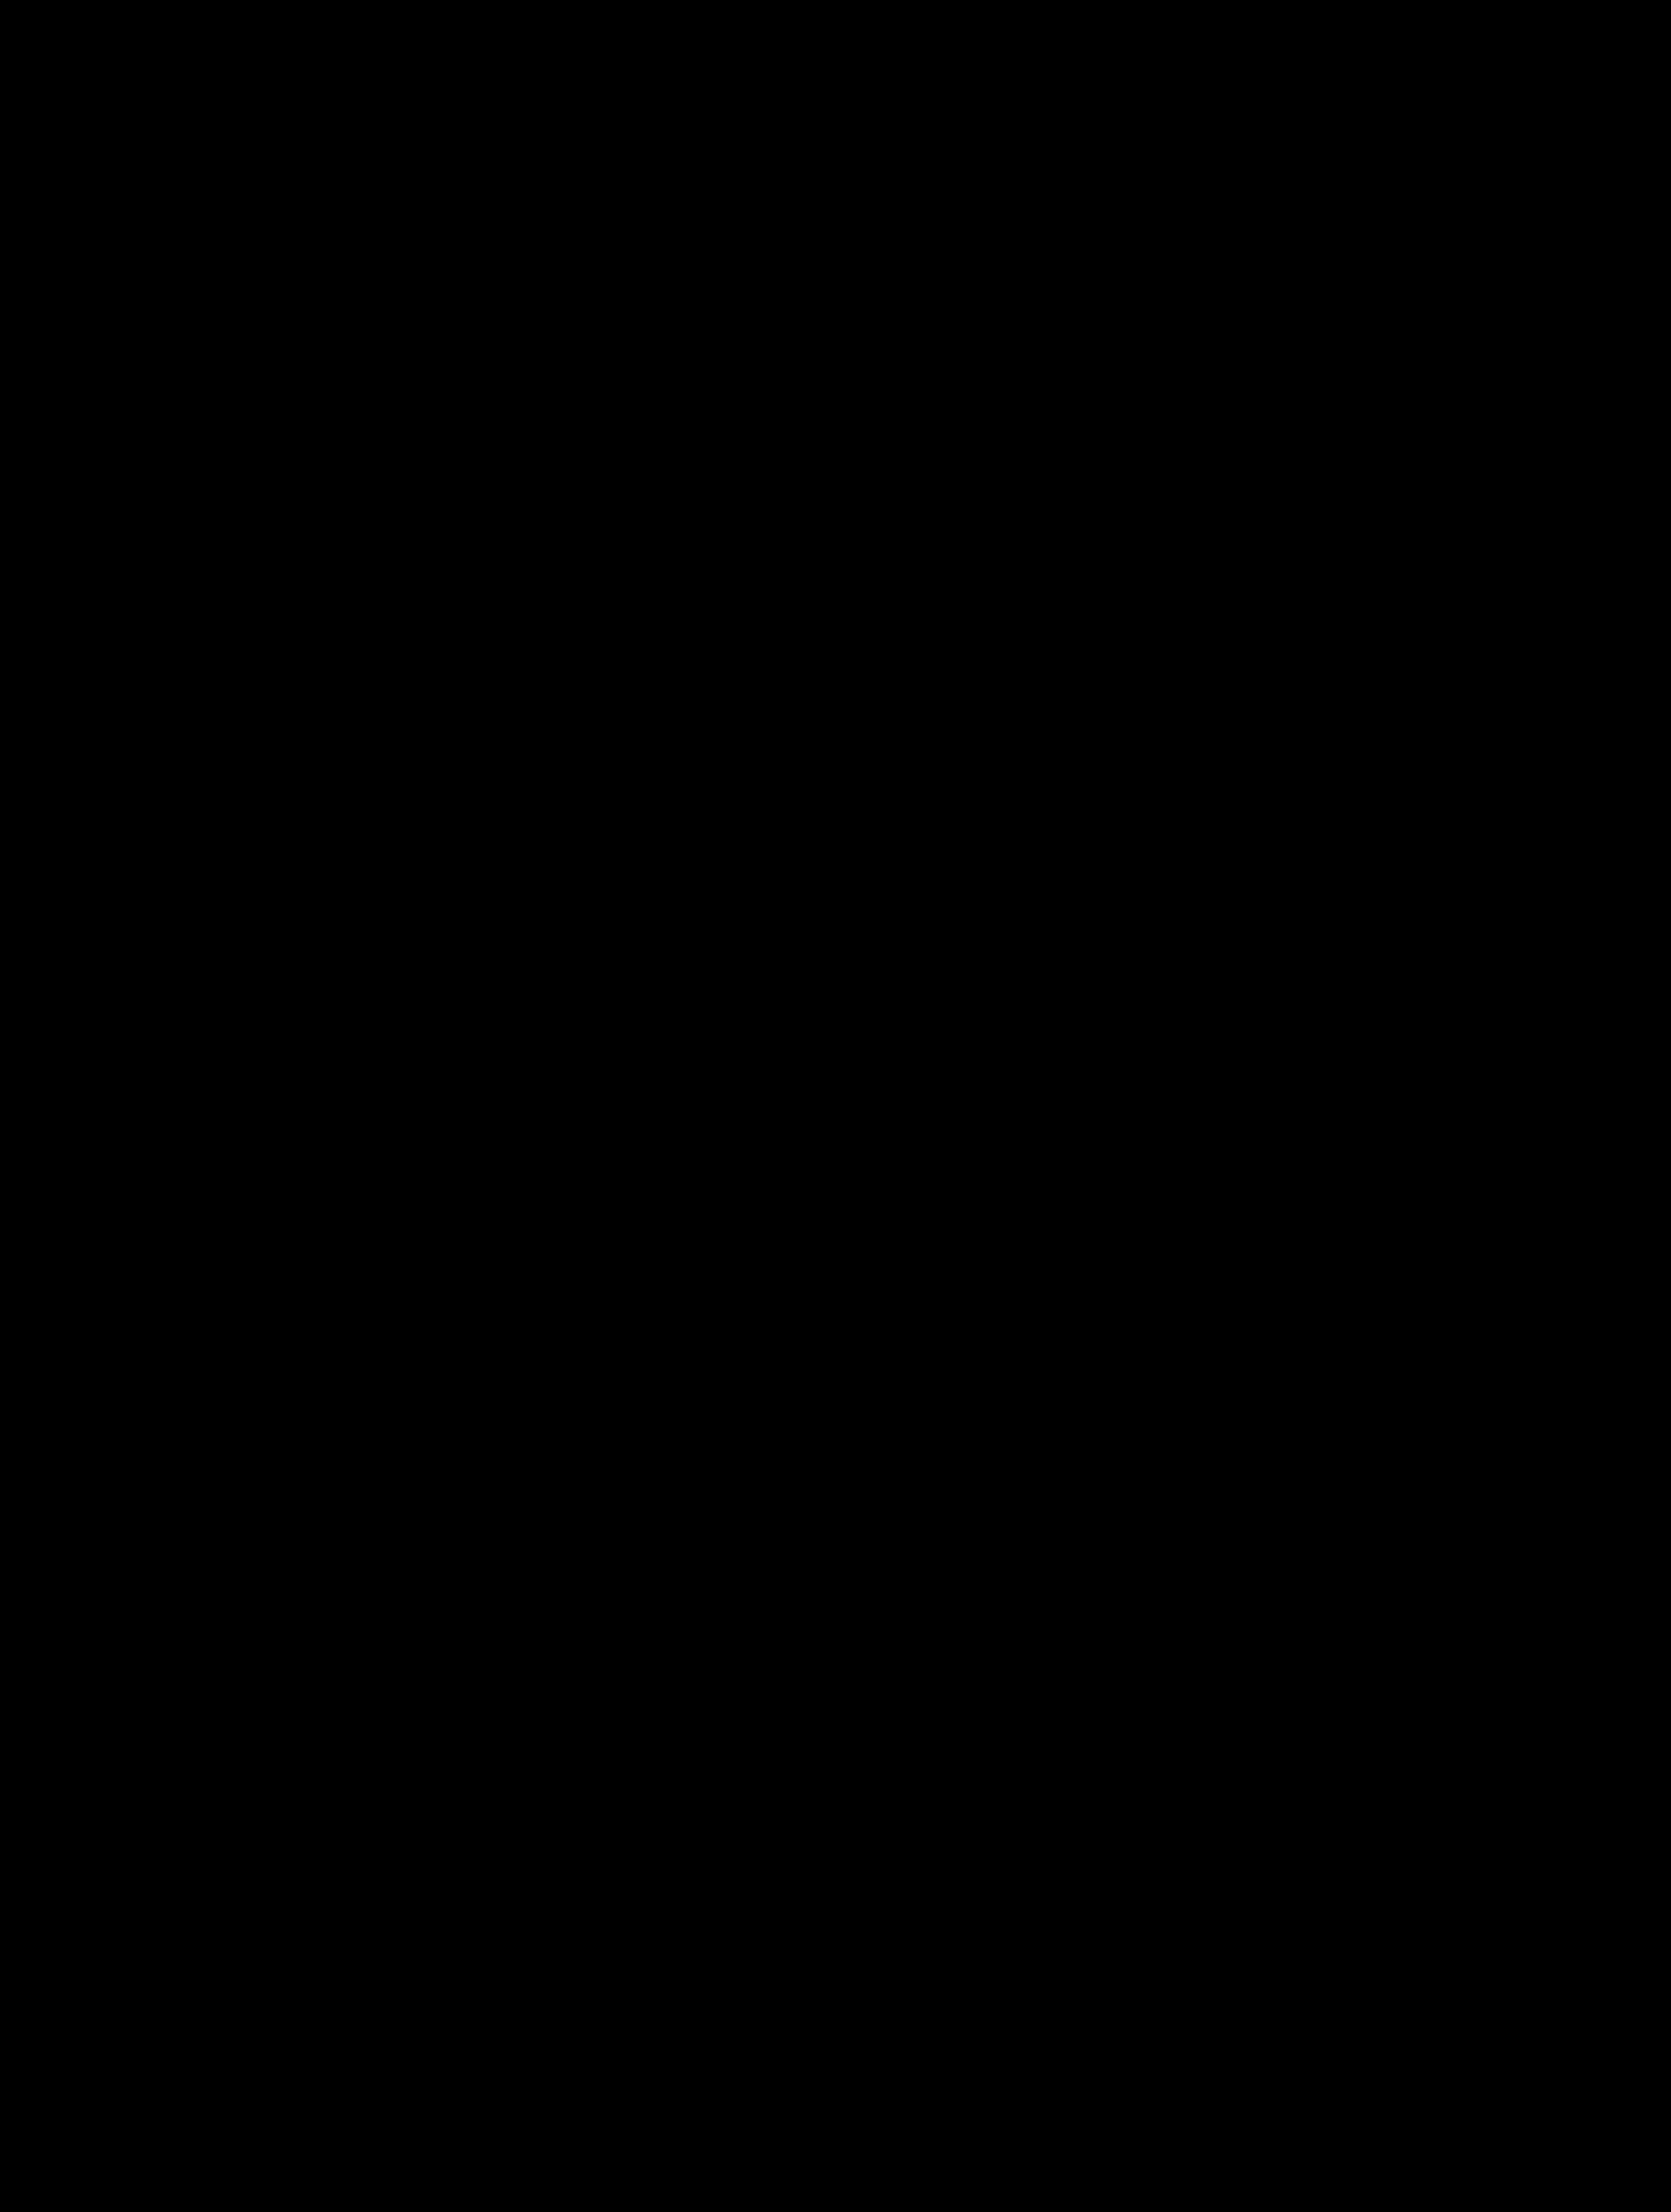 Apotelesma Eikonas Gia Melonheadz Black And White Wreath Cerceveler Cerceve Kartlar